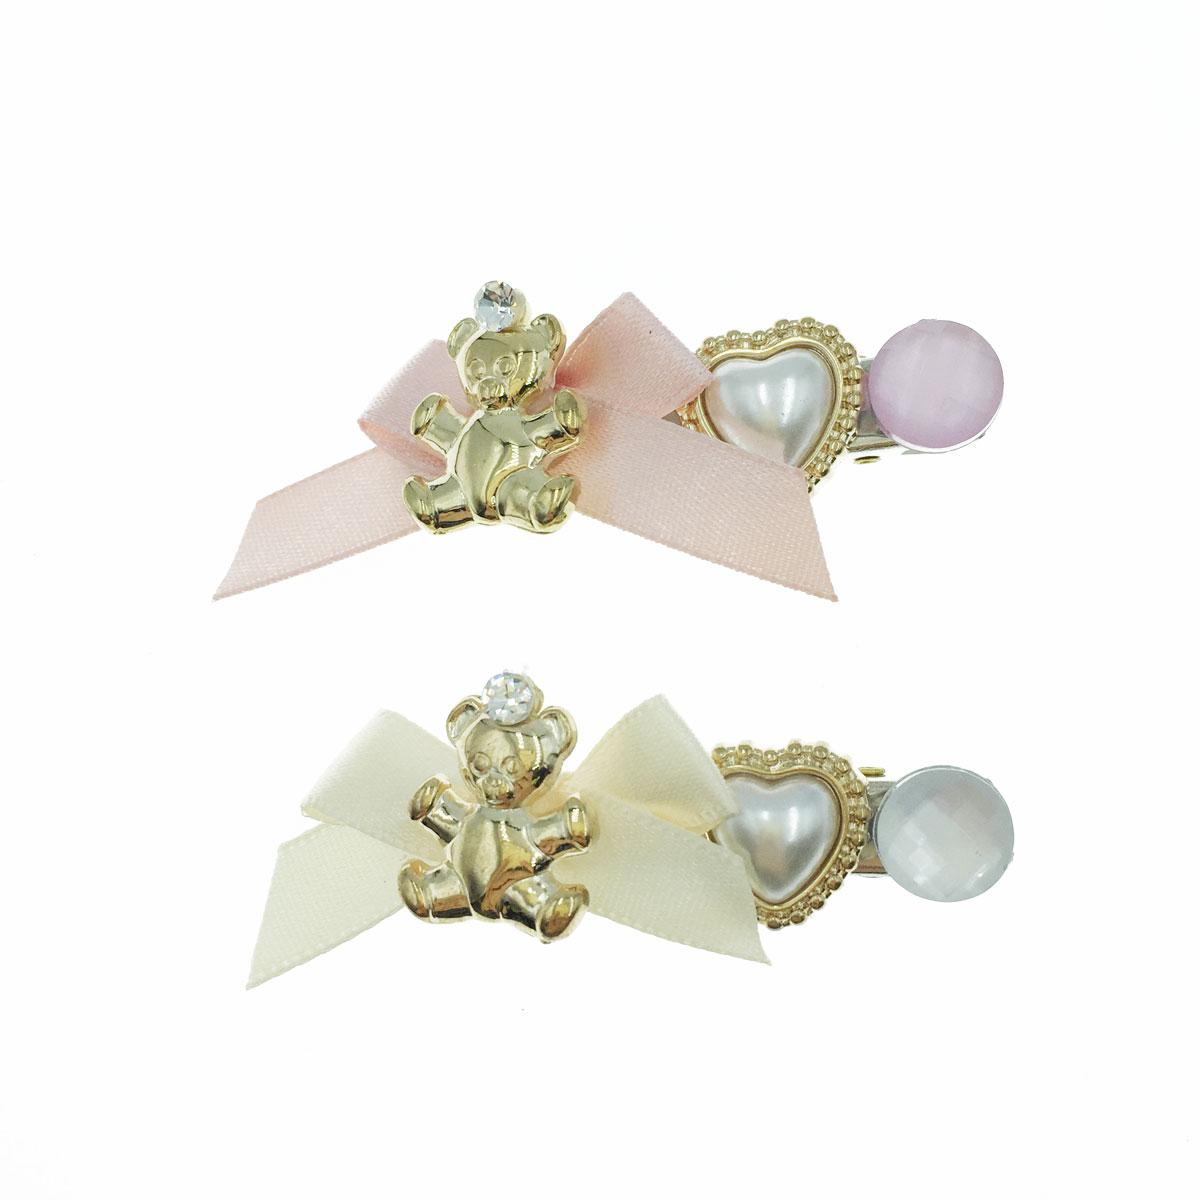 韓國 金色 小熊 緞帶 蝴蝶結 水鑽 珍珠 愛心 壓夾 髮飾